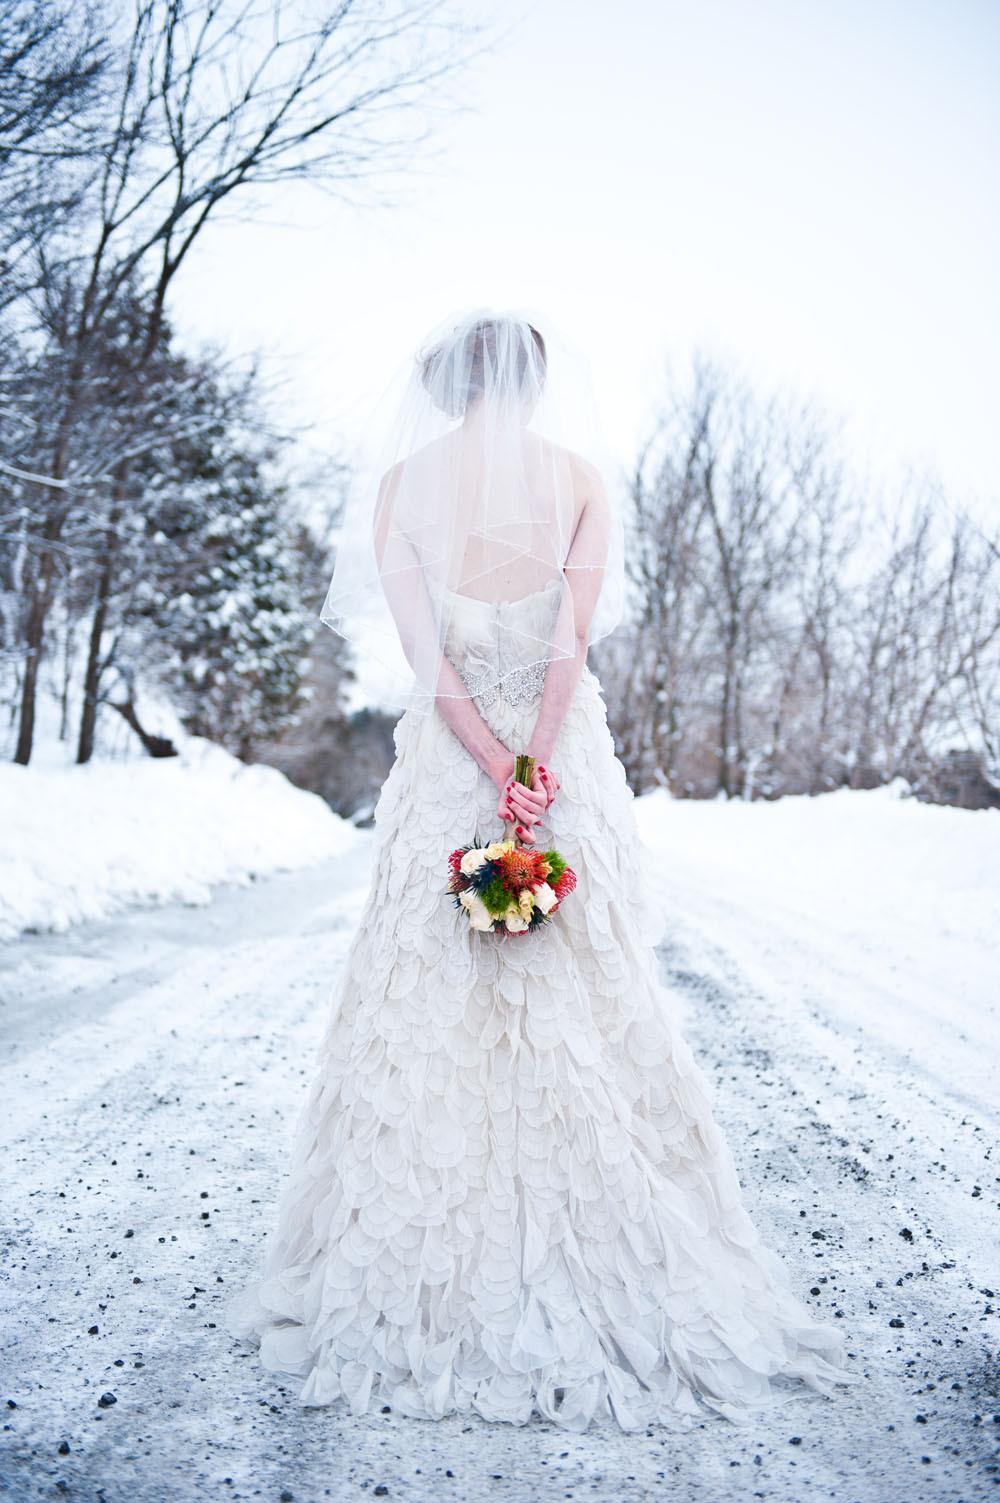 скорей оконце фото свадеб зимой со спины все